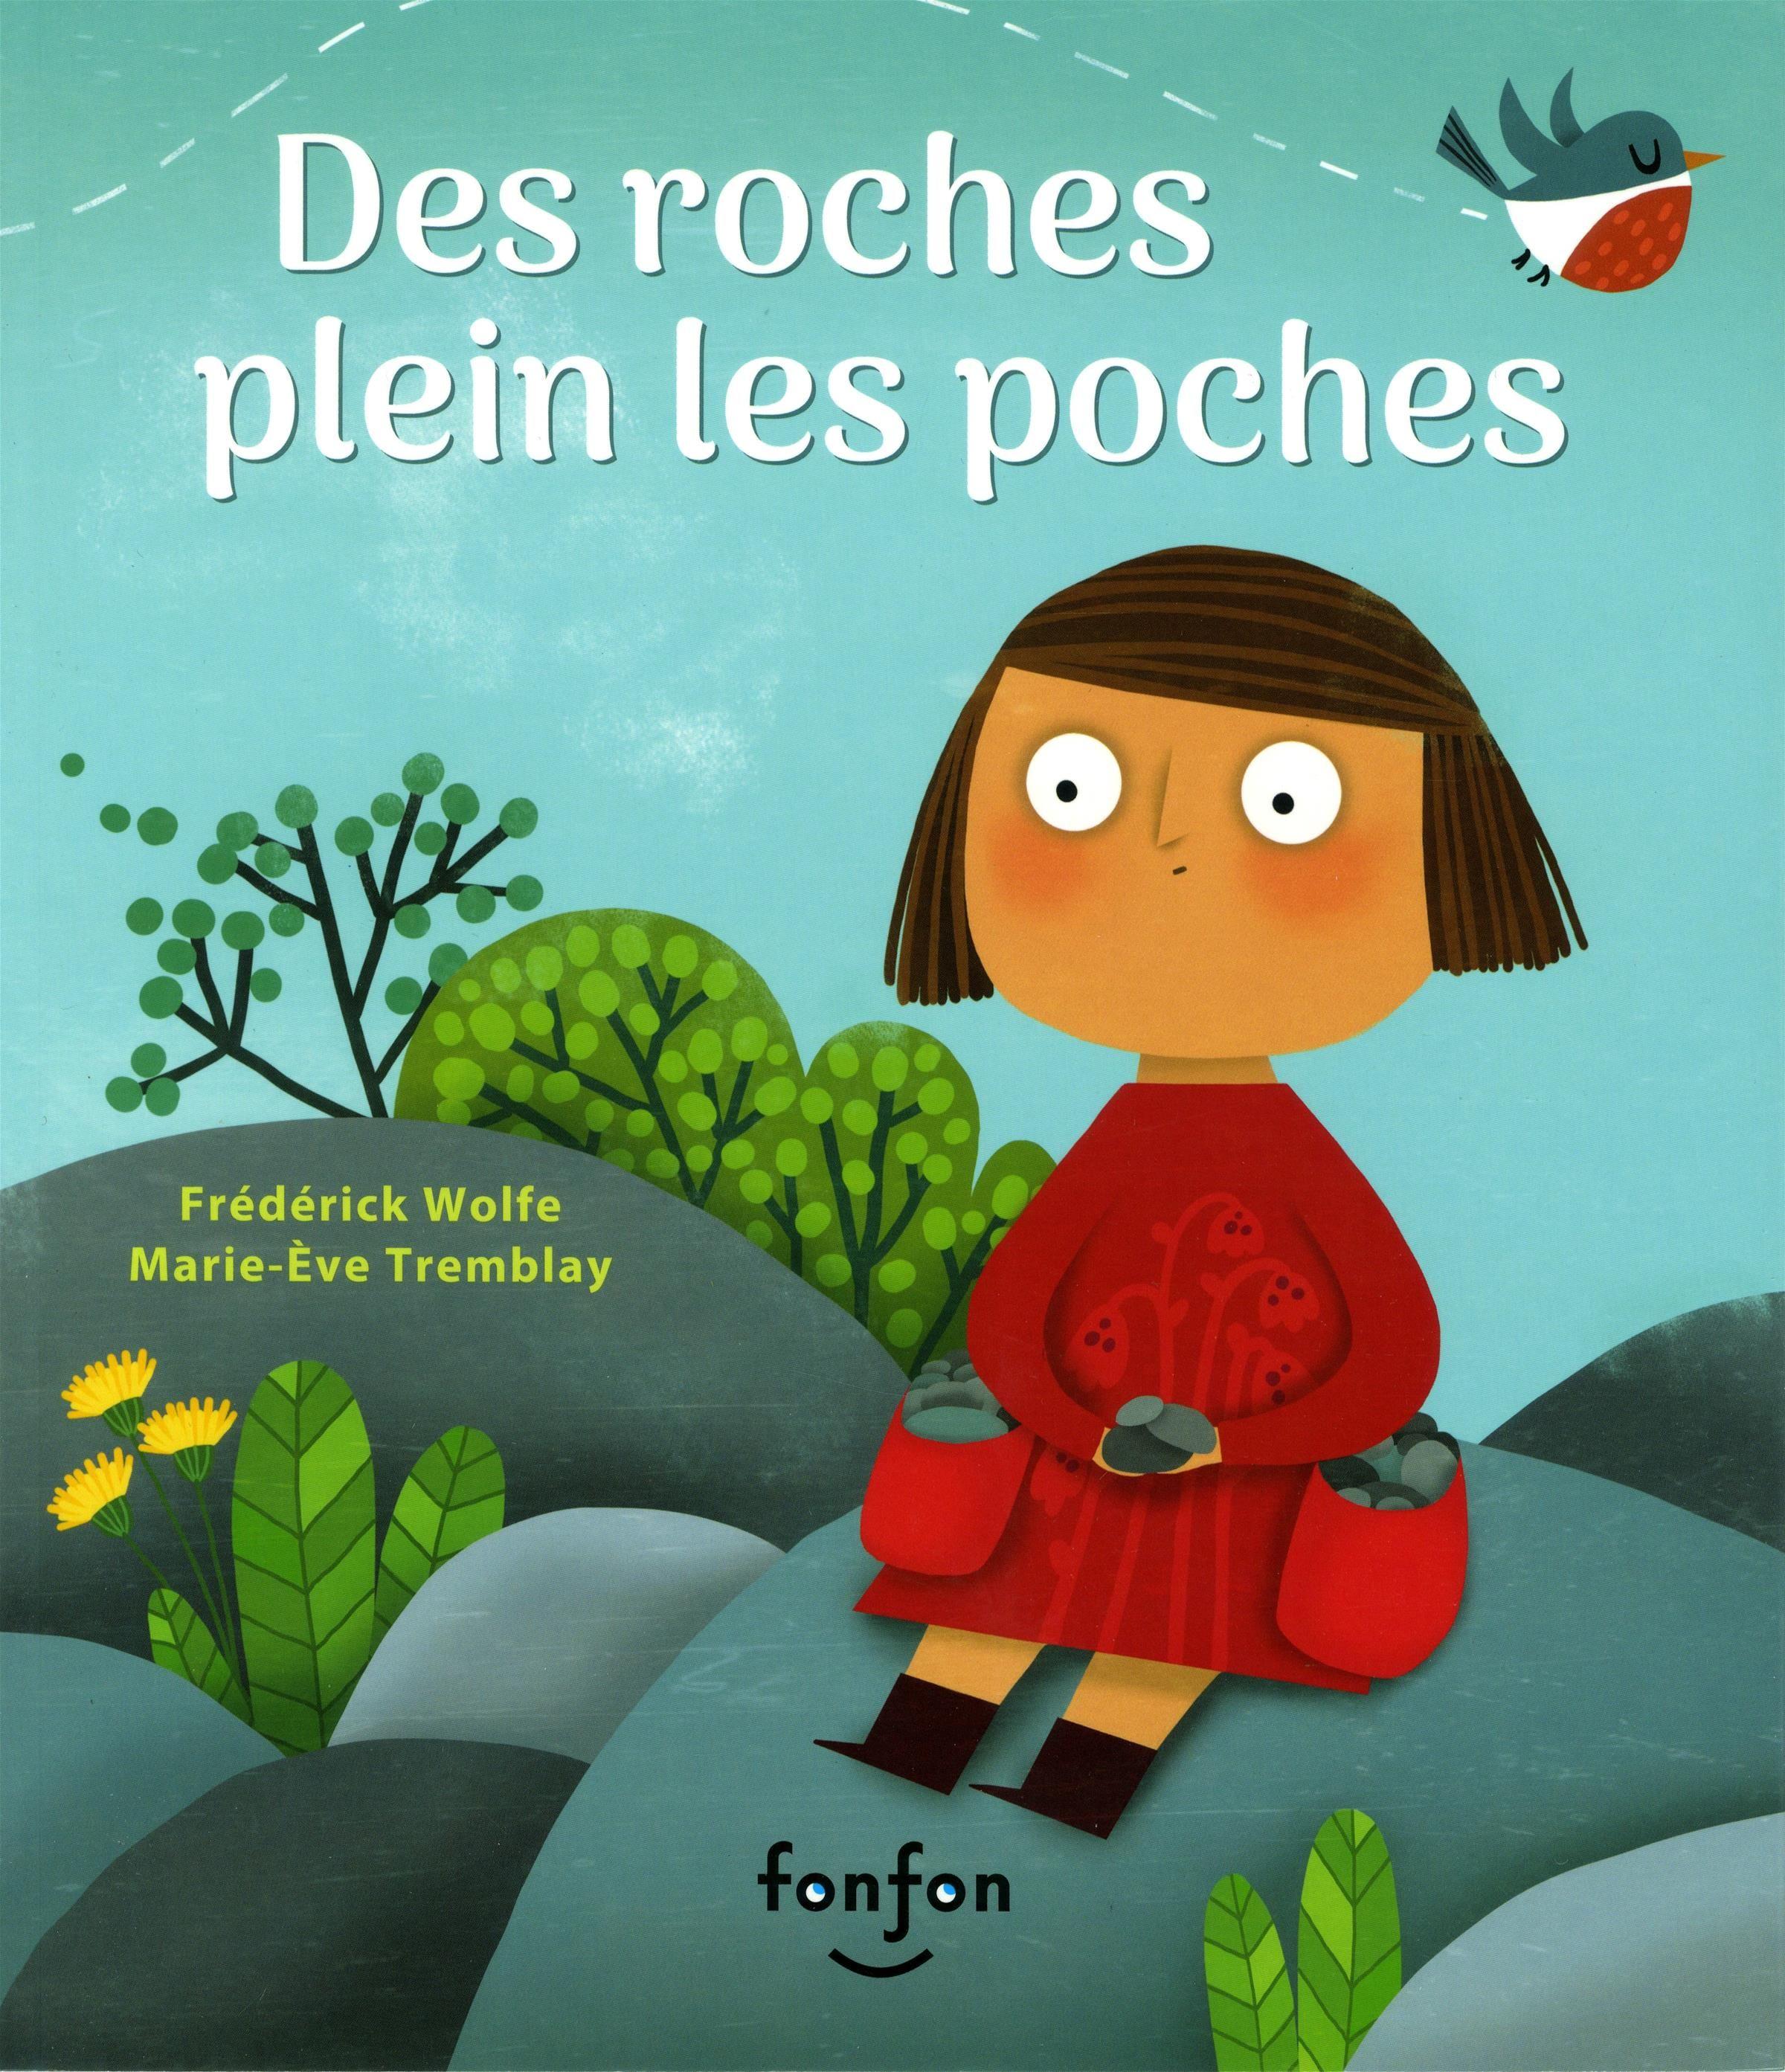 Des roches plein les poches par Frédérick Wolfe, Marie-Ève Tremblay | Jeunesse | 3-6 ans | Leslibraires.ca